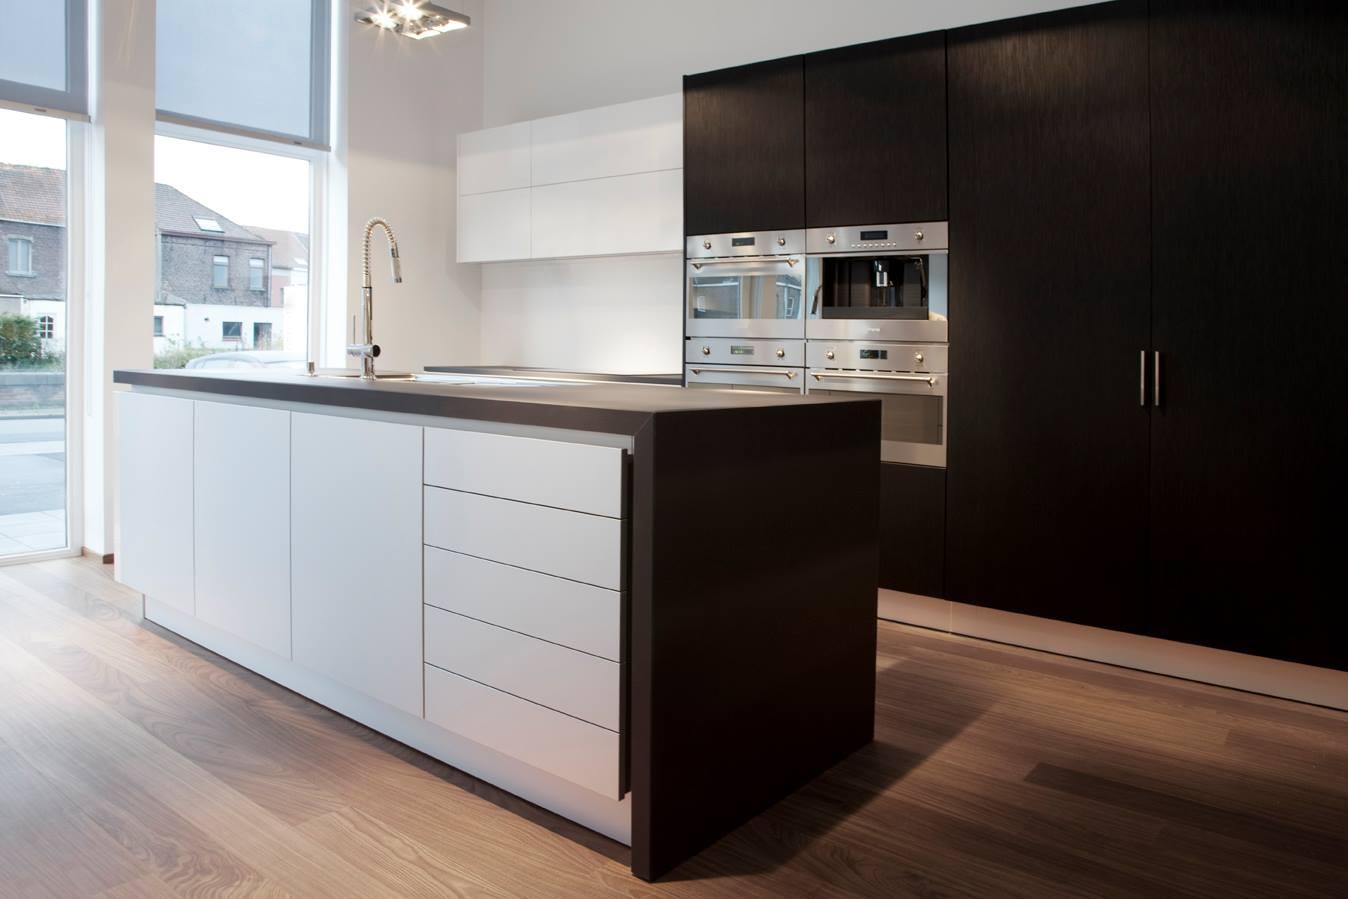 techlam,encimeras de cocina, encimeras porcelanicas,levantina encimeras,tres cantos cocinas, cocinas con techlam,espacios techlam